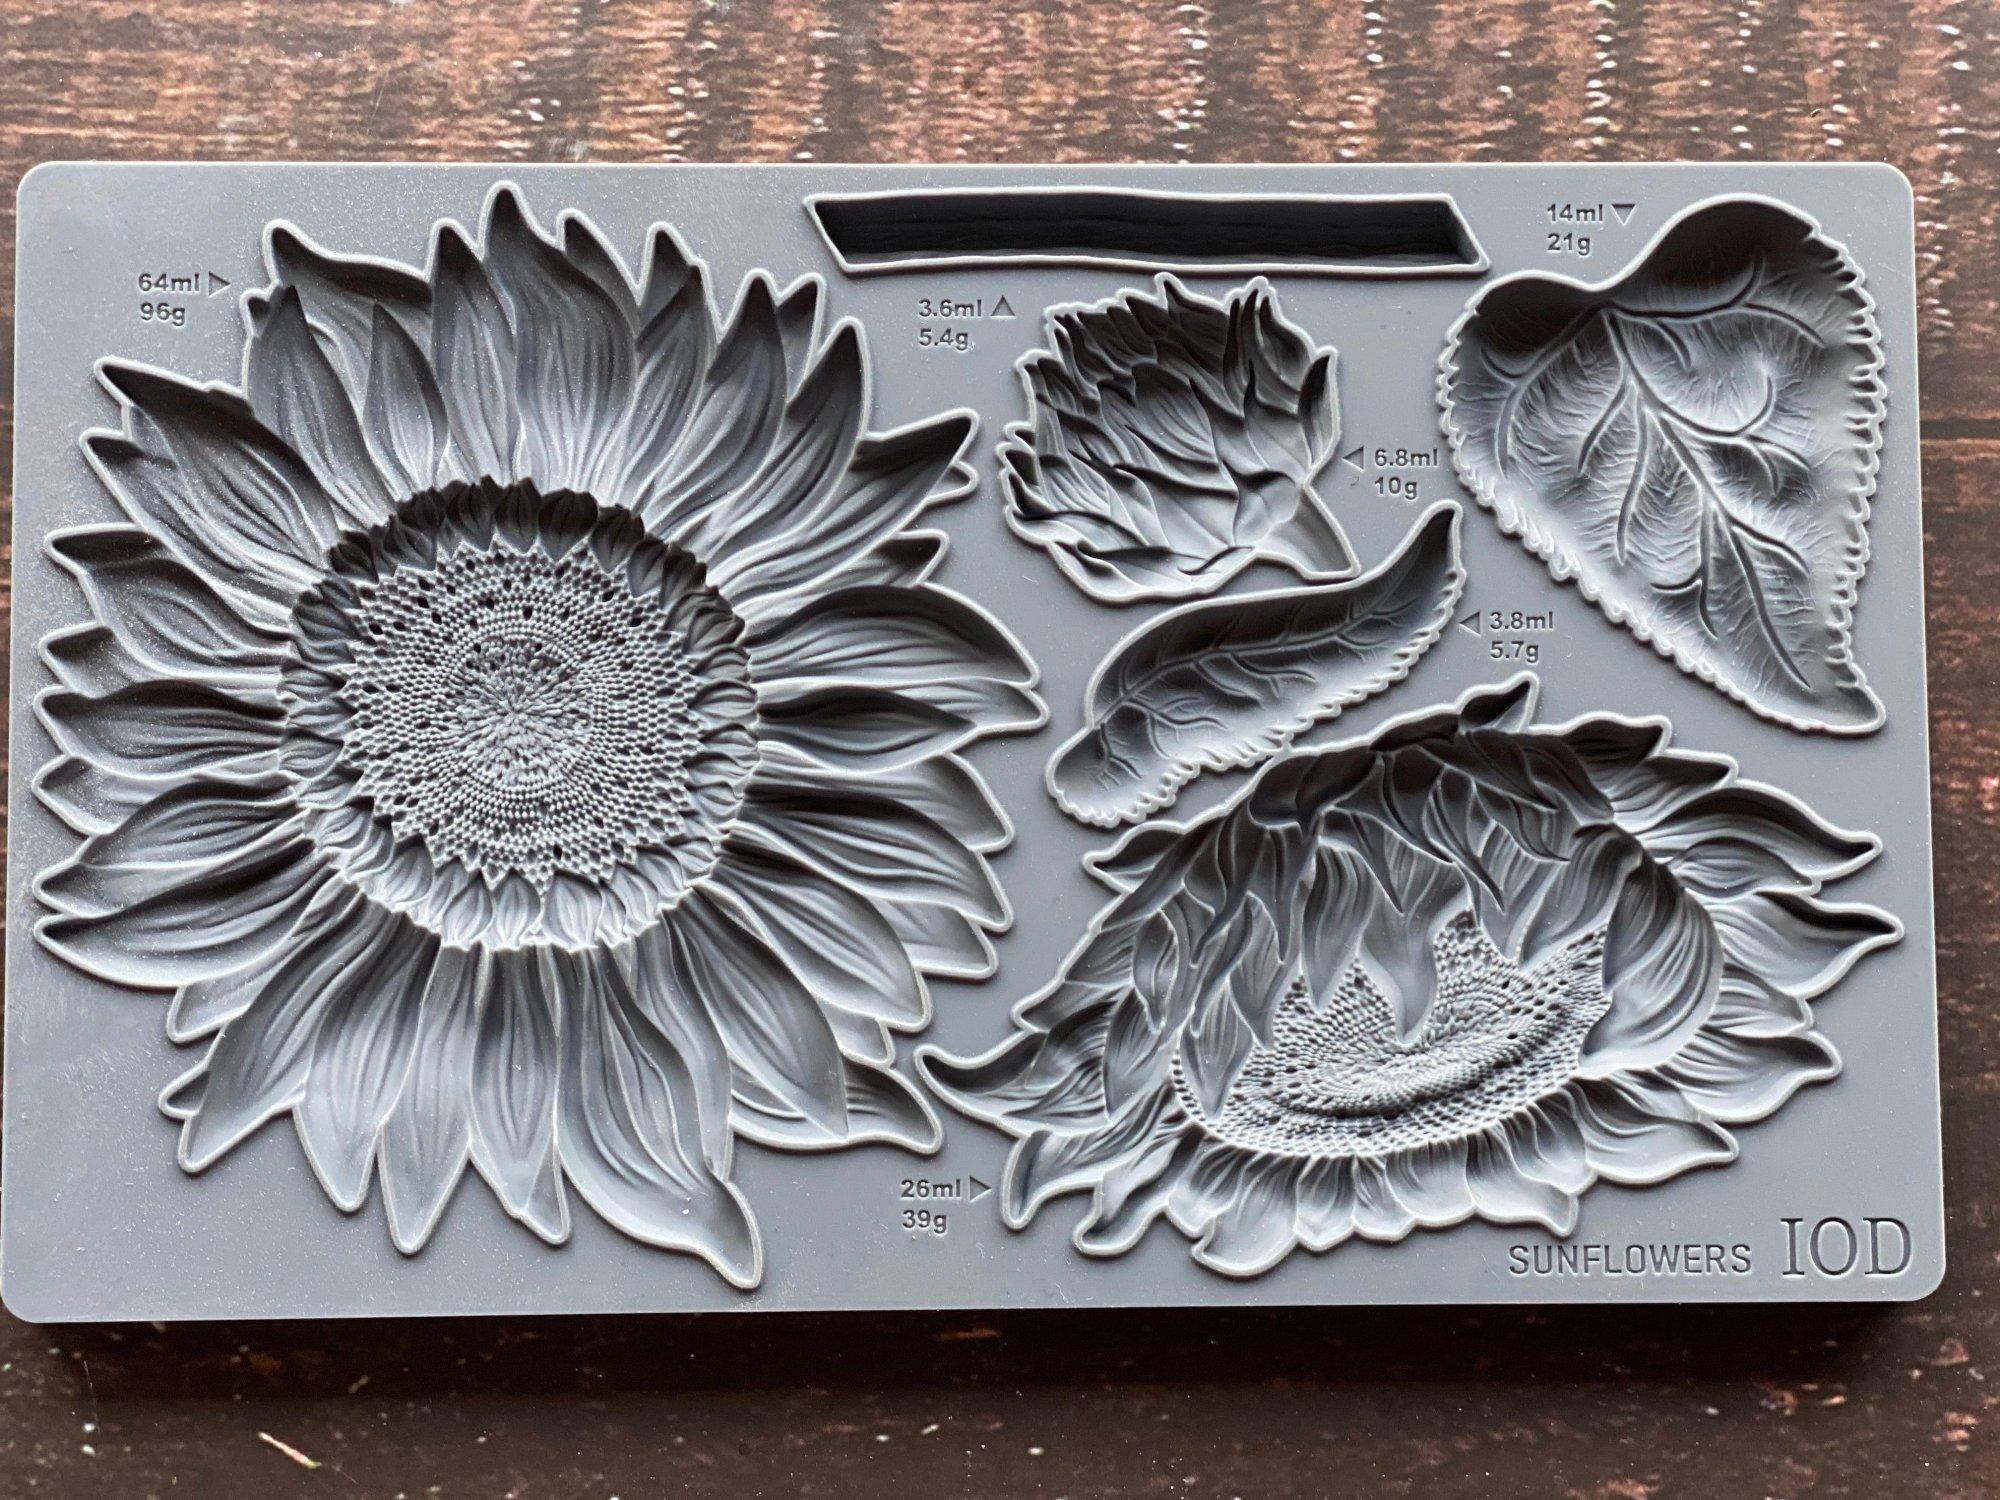 Sunflowers 6x10 IOD Decor Moulds